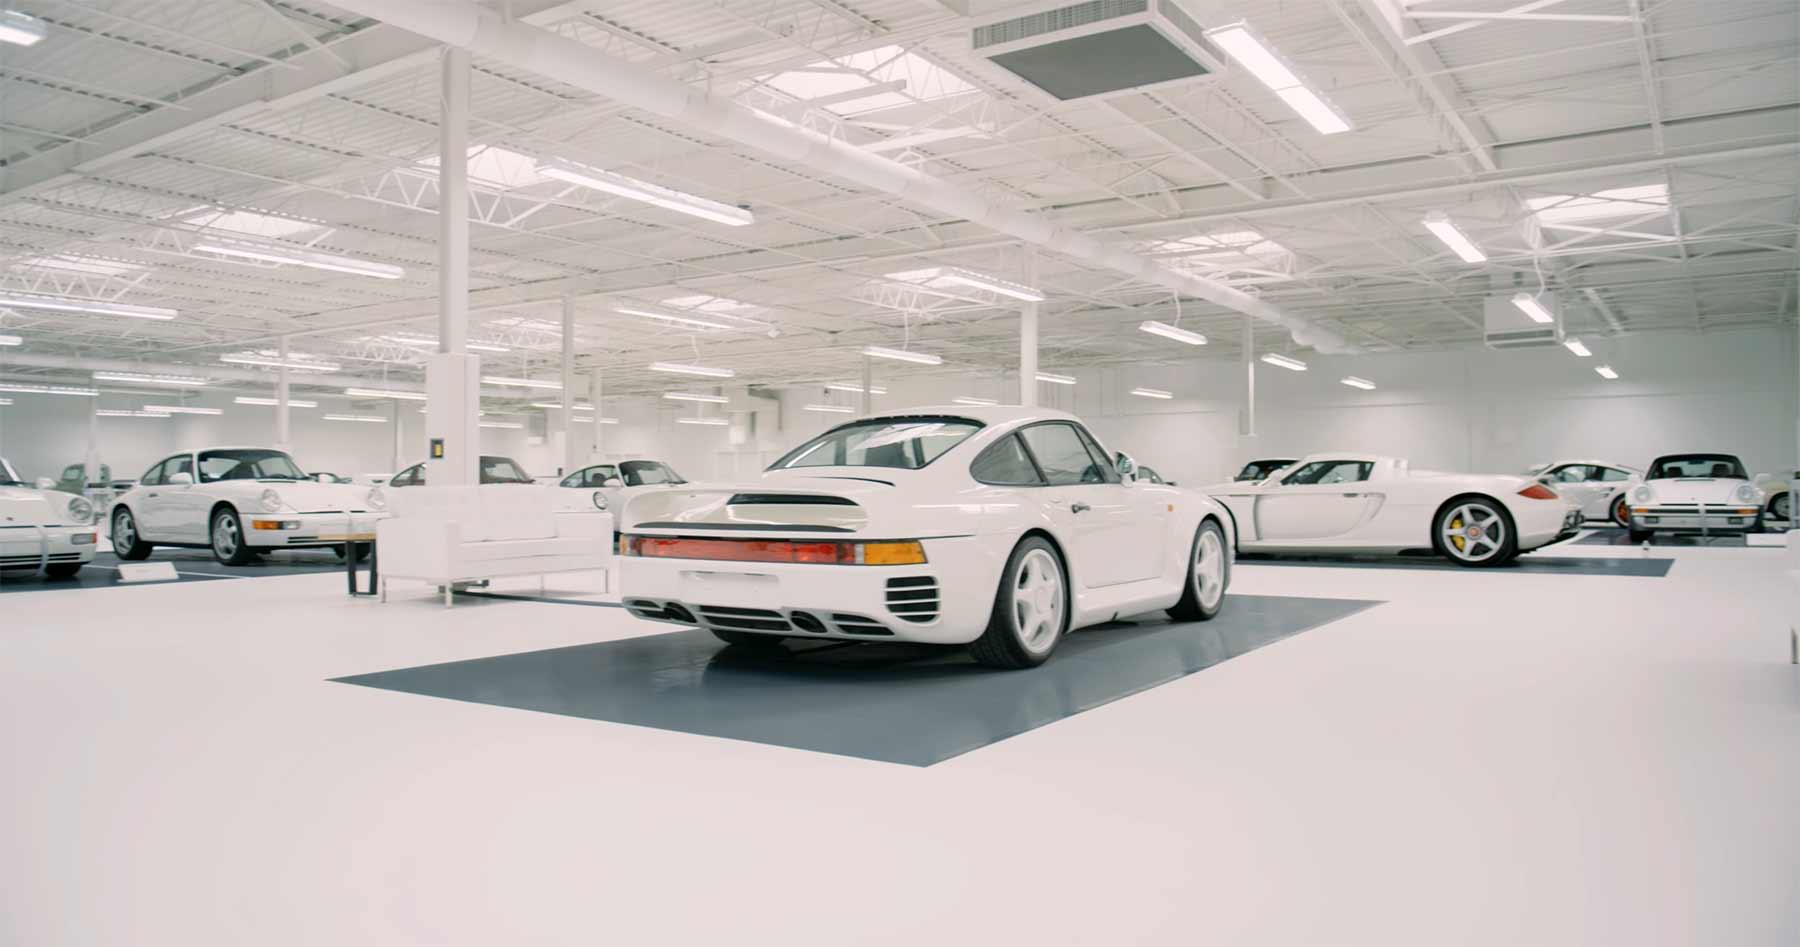 Diese Porsche-Sammlung umfasst ausschließlich weiße Fahrzeuge